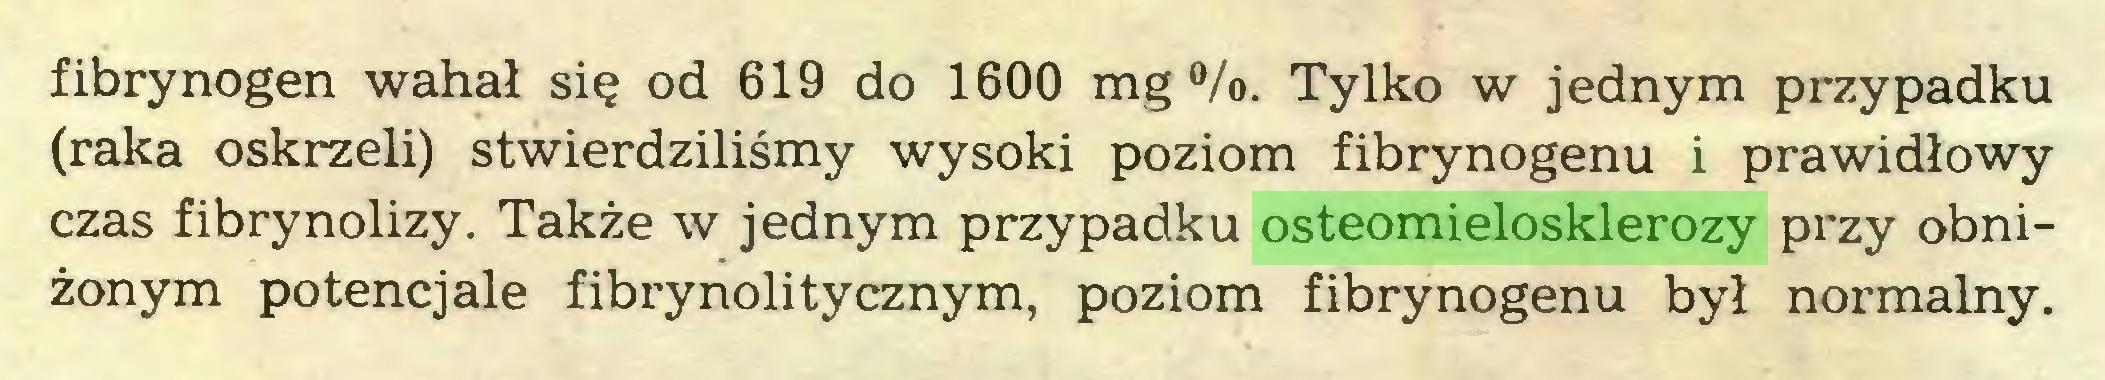 (...) fibrynogen wahał się od 619 do 1600 mg °/o. Tylko w jednym przypadku (raka oskrzeli) stwierdziliśmy wysoki poziom fibrynogenu i prawidłowy czas fibrynolizy. Także w jednym przypadku osteomielosklerozy przy obniżonym potencjale fibrynolitycznym, poziom fibrynogenu był normalny...